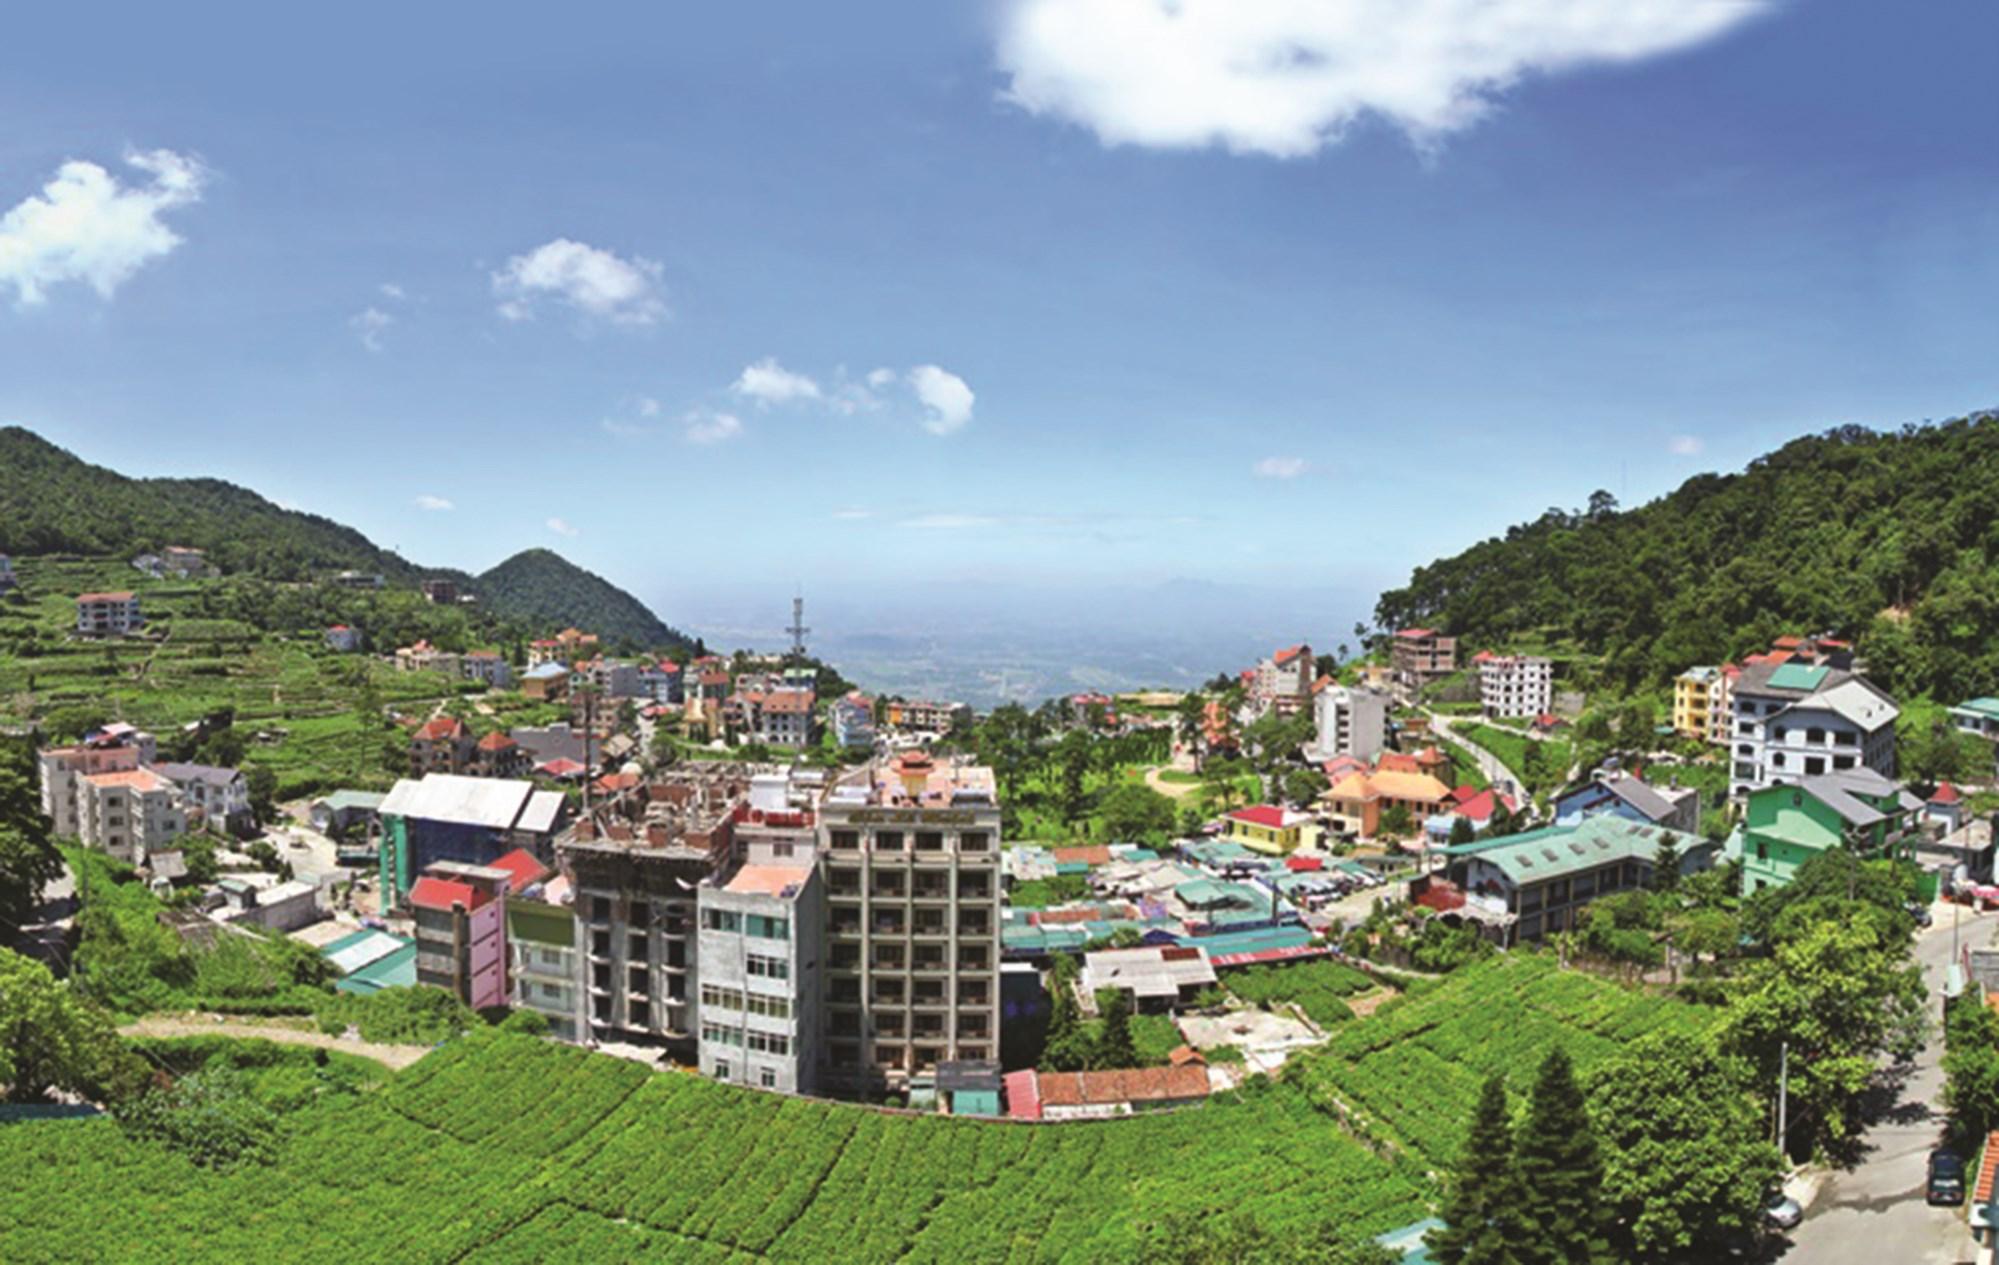 Thị trấn Tam Đảo (huyện Tam Đảo) - một trong những khu du lịch trọng điểm của tỉnh được lắp đặt, phủ sóng wifi miễn phí từ đầu năm 2014.